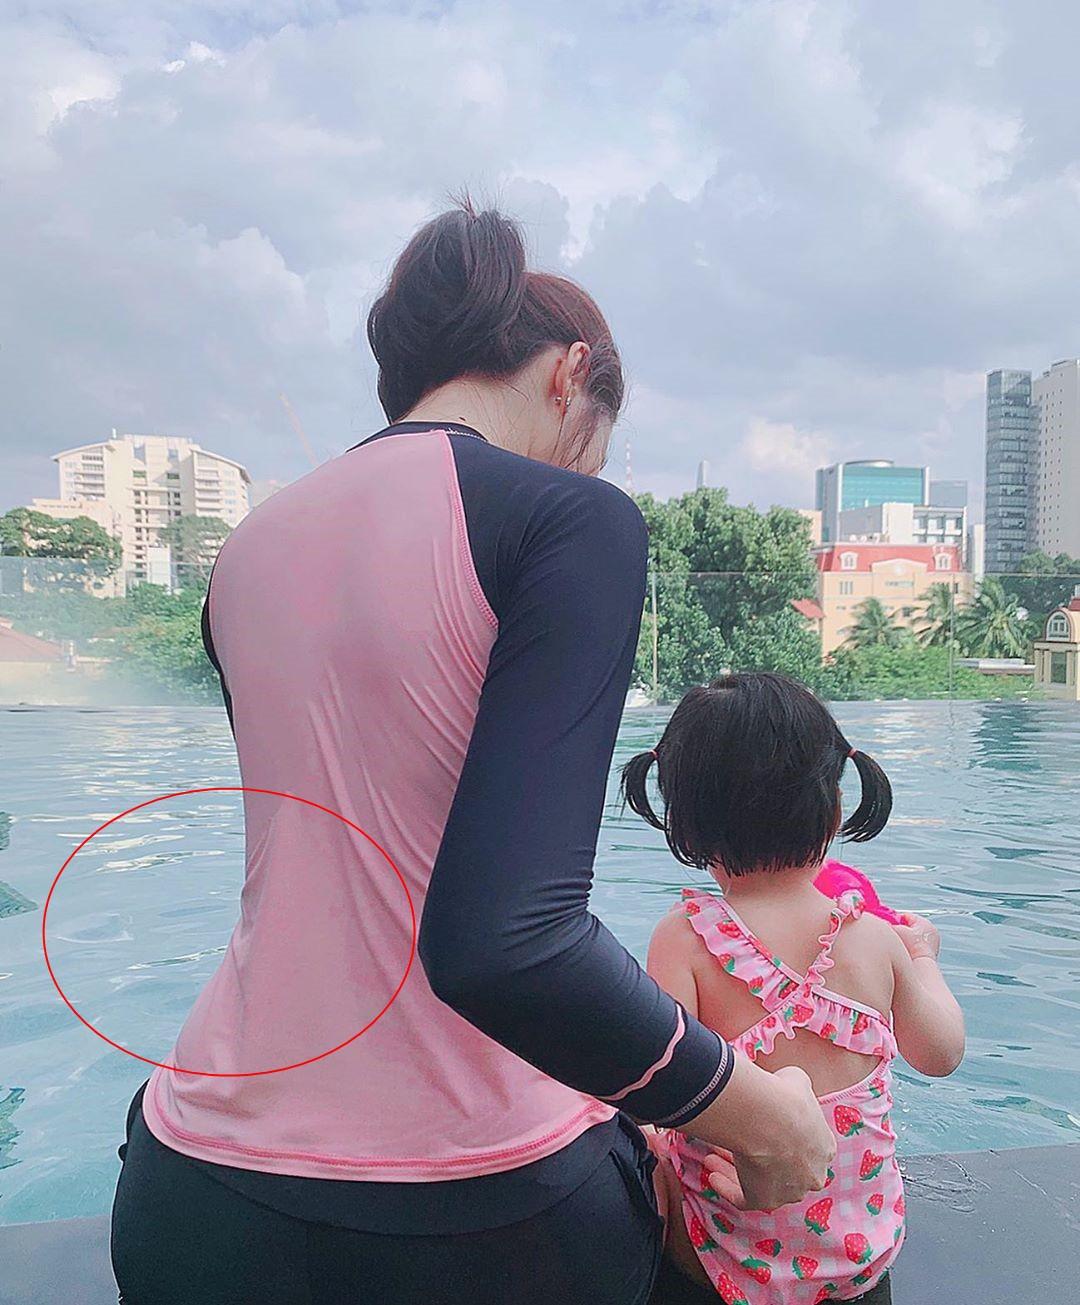 Khoe dạy bơi cho con gái mới hơn 1 tuổi nhưng đặc điểm này trên cơ thể Đặng Thu Thảo lại gây chú ý - Ảnh 1